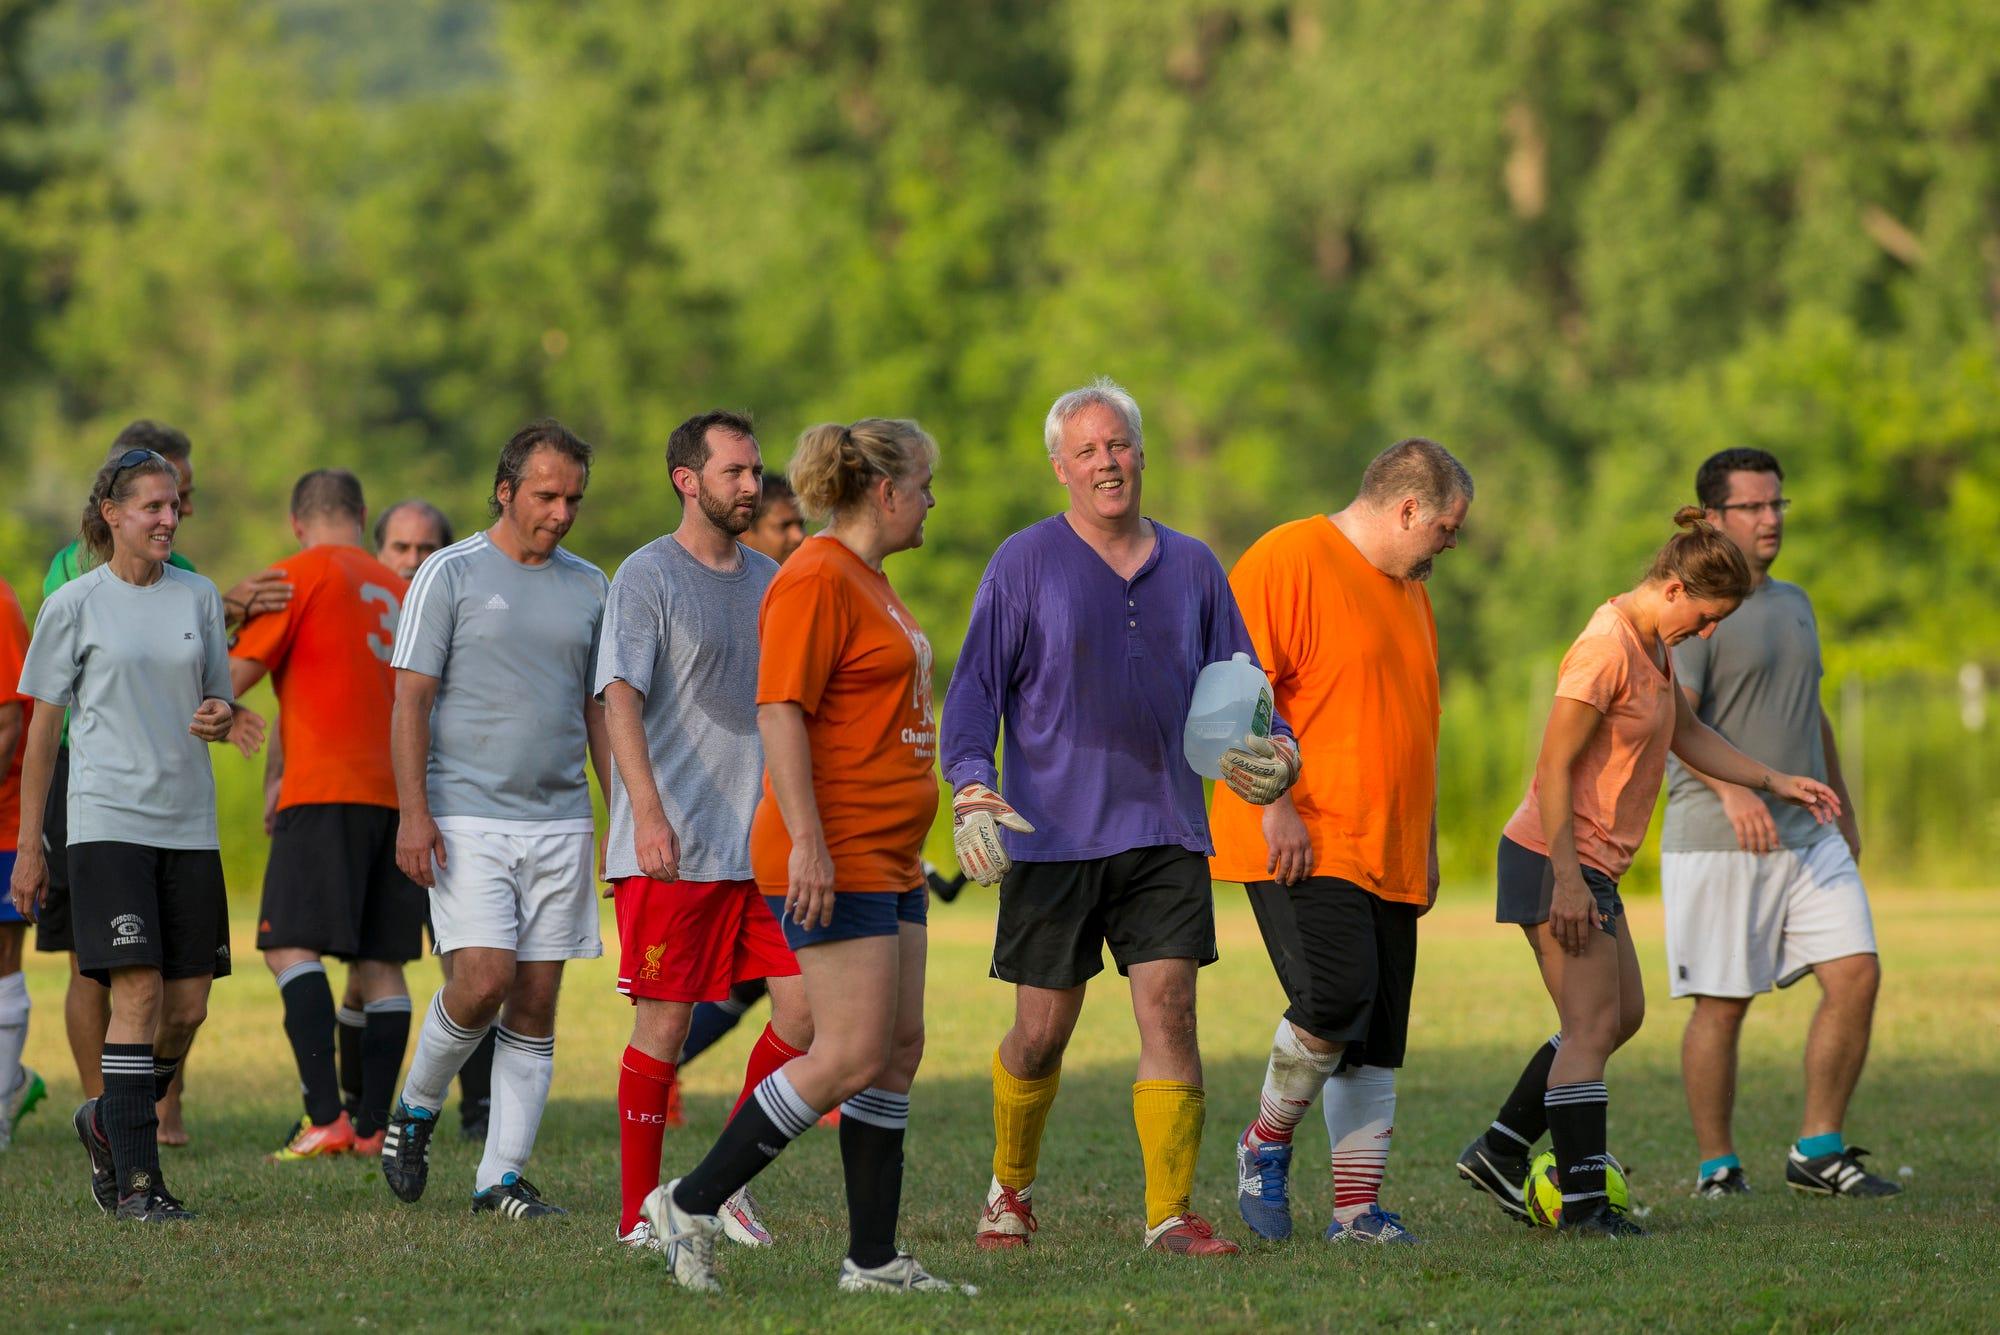 Adult in intramurals new soccer york